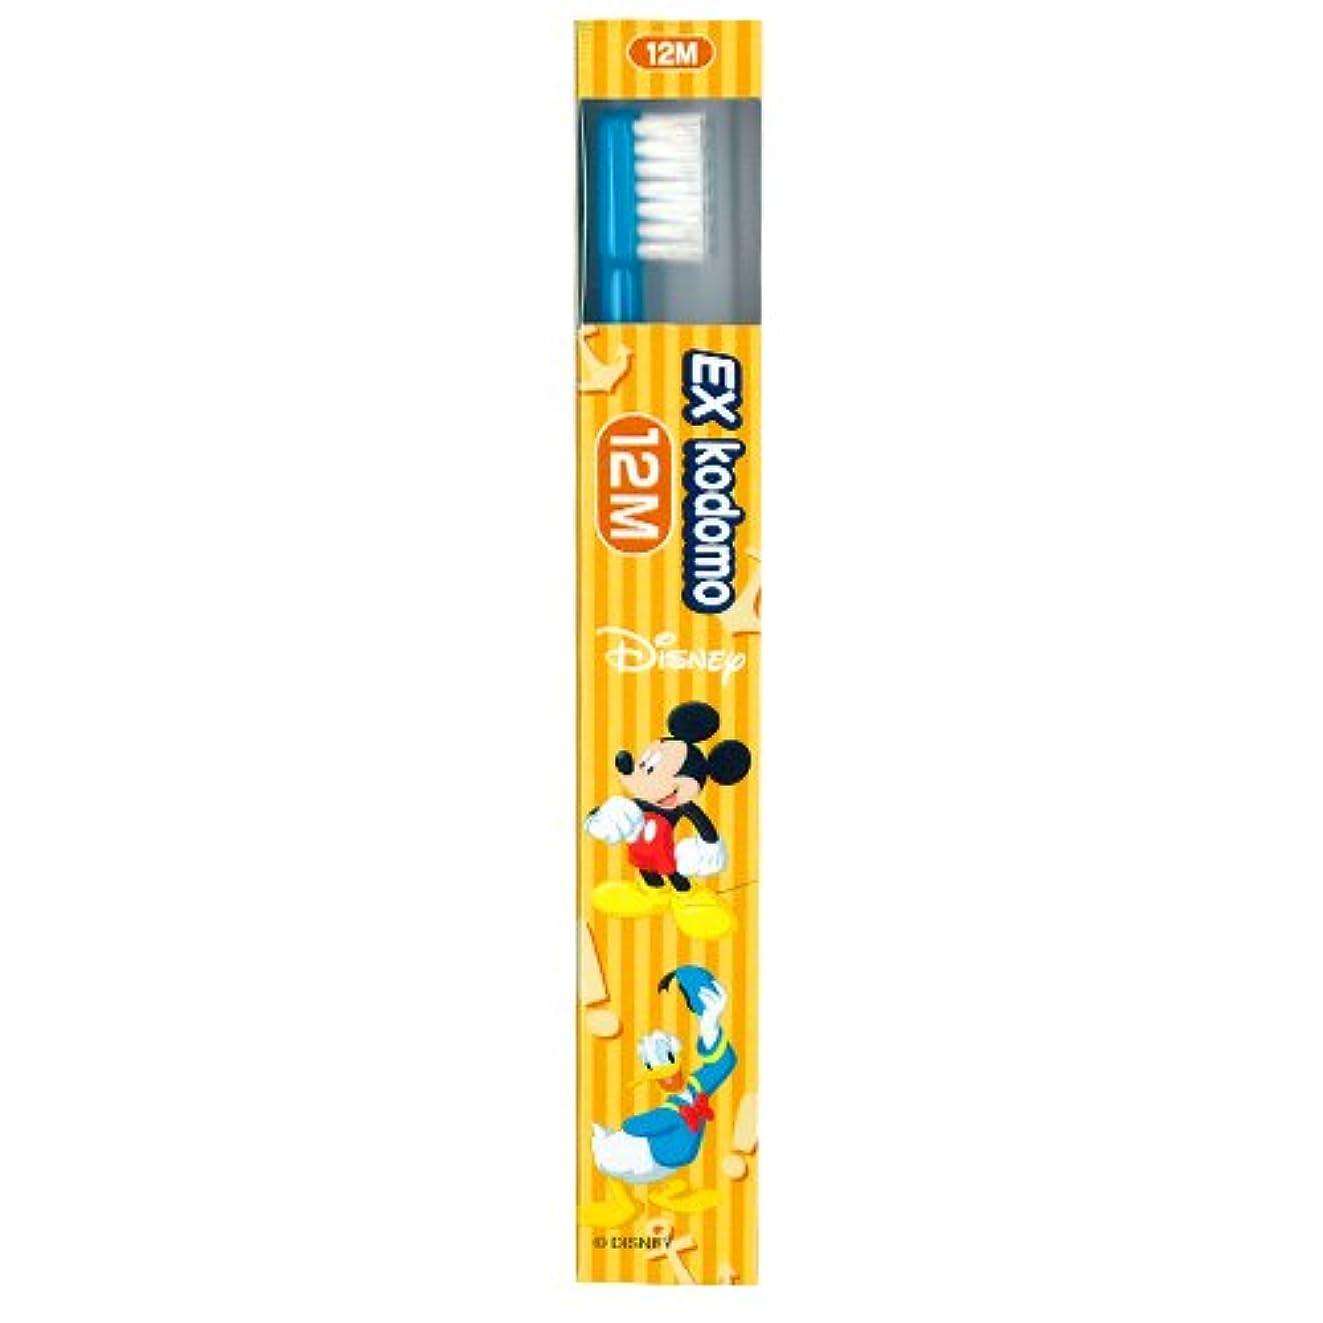 グリップ分割ランタンライオン EX kodomo ディズニー 歯ブラシ 1本 12M ブルー